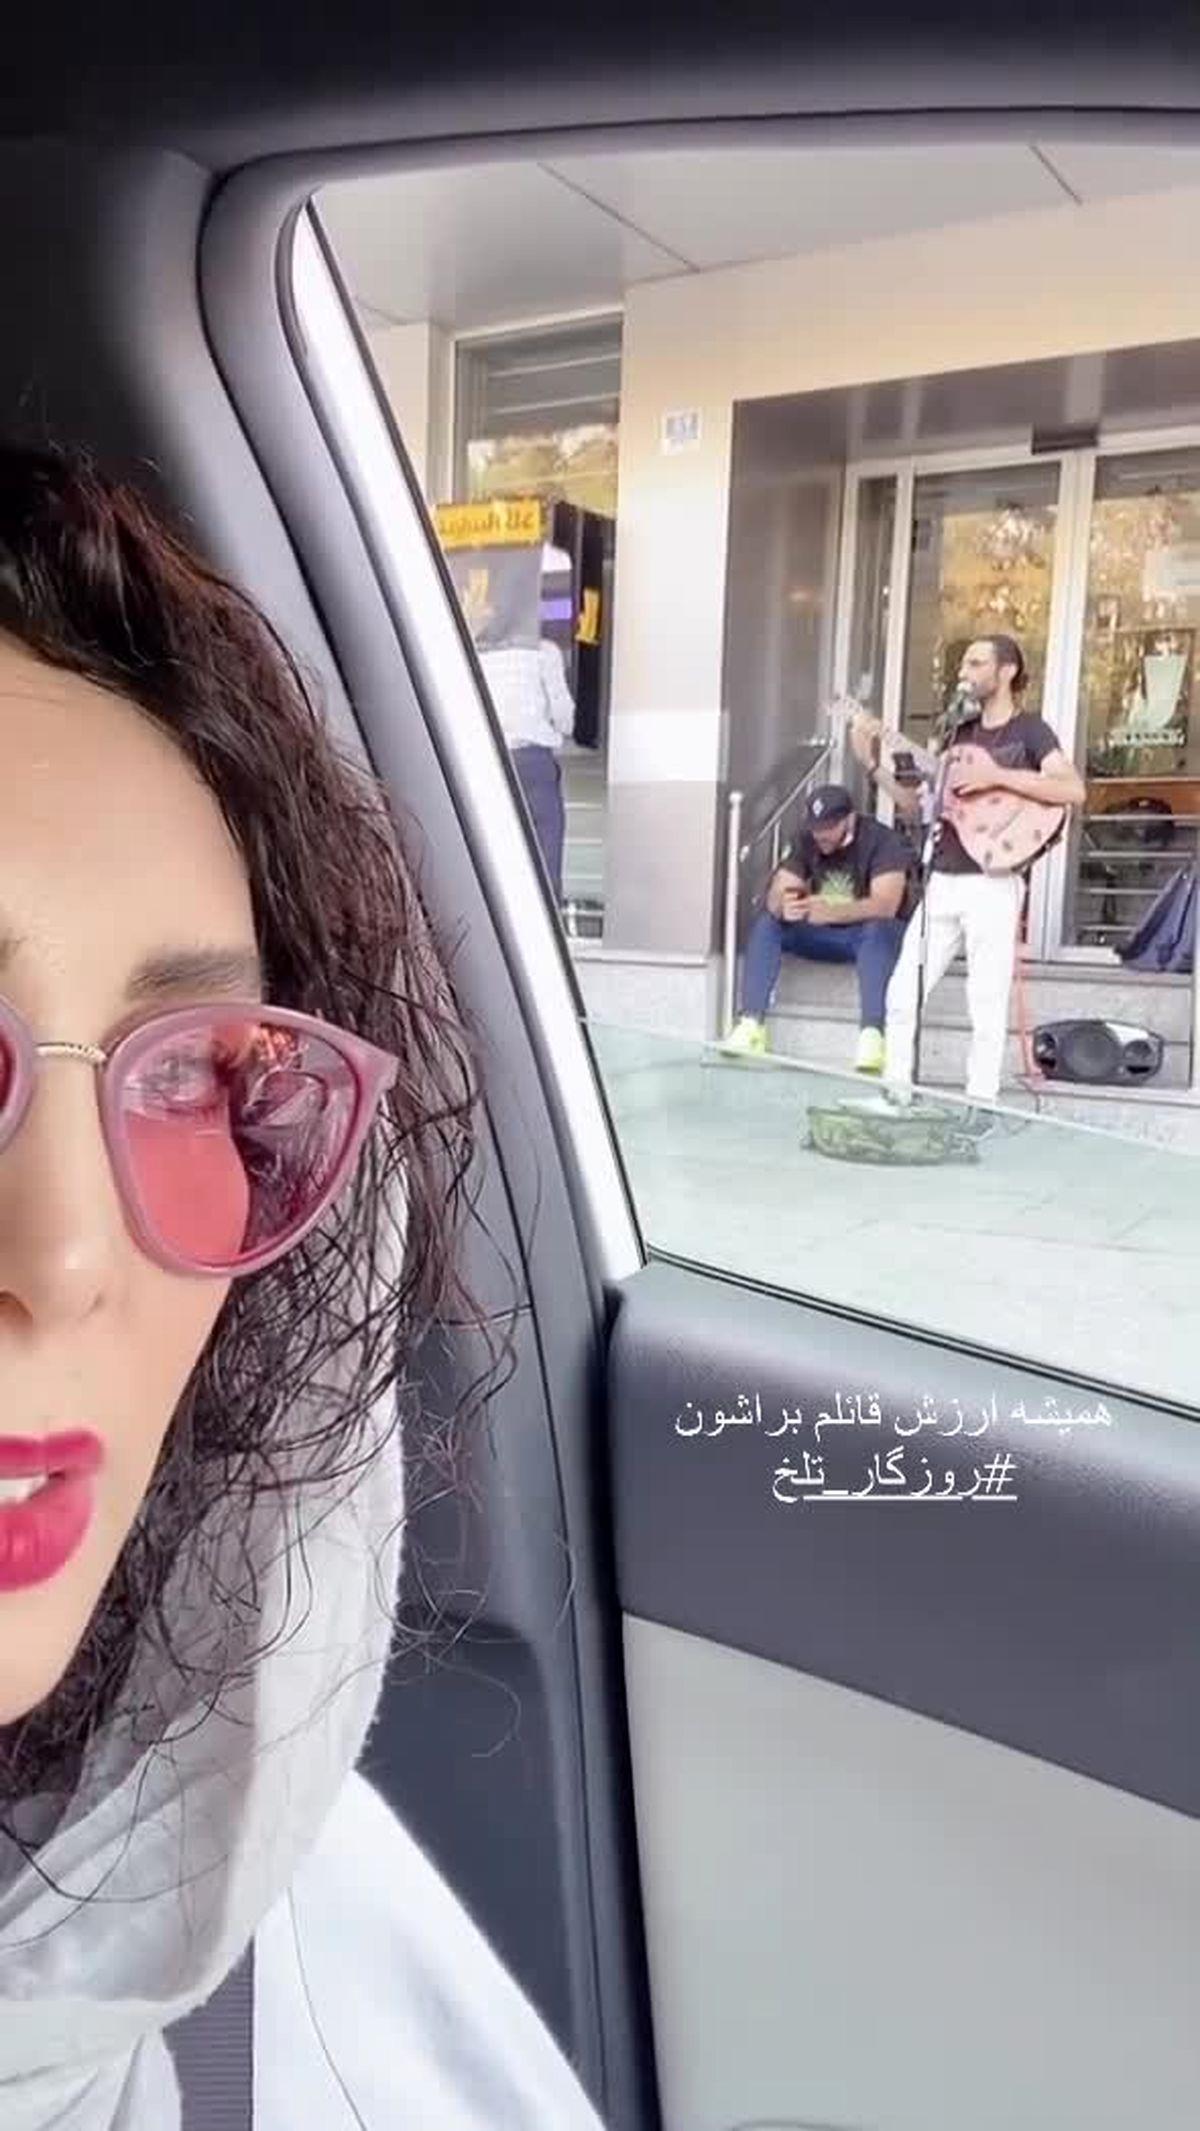 هانیه توسلی؛ بازگشت به روزهای اوج